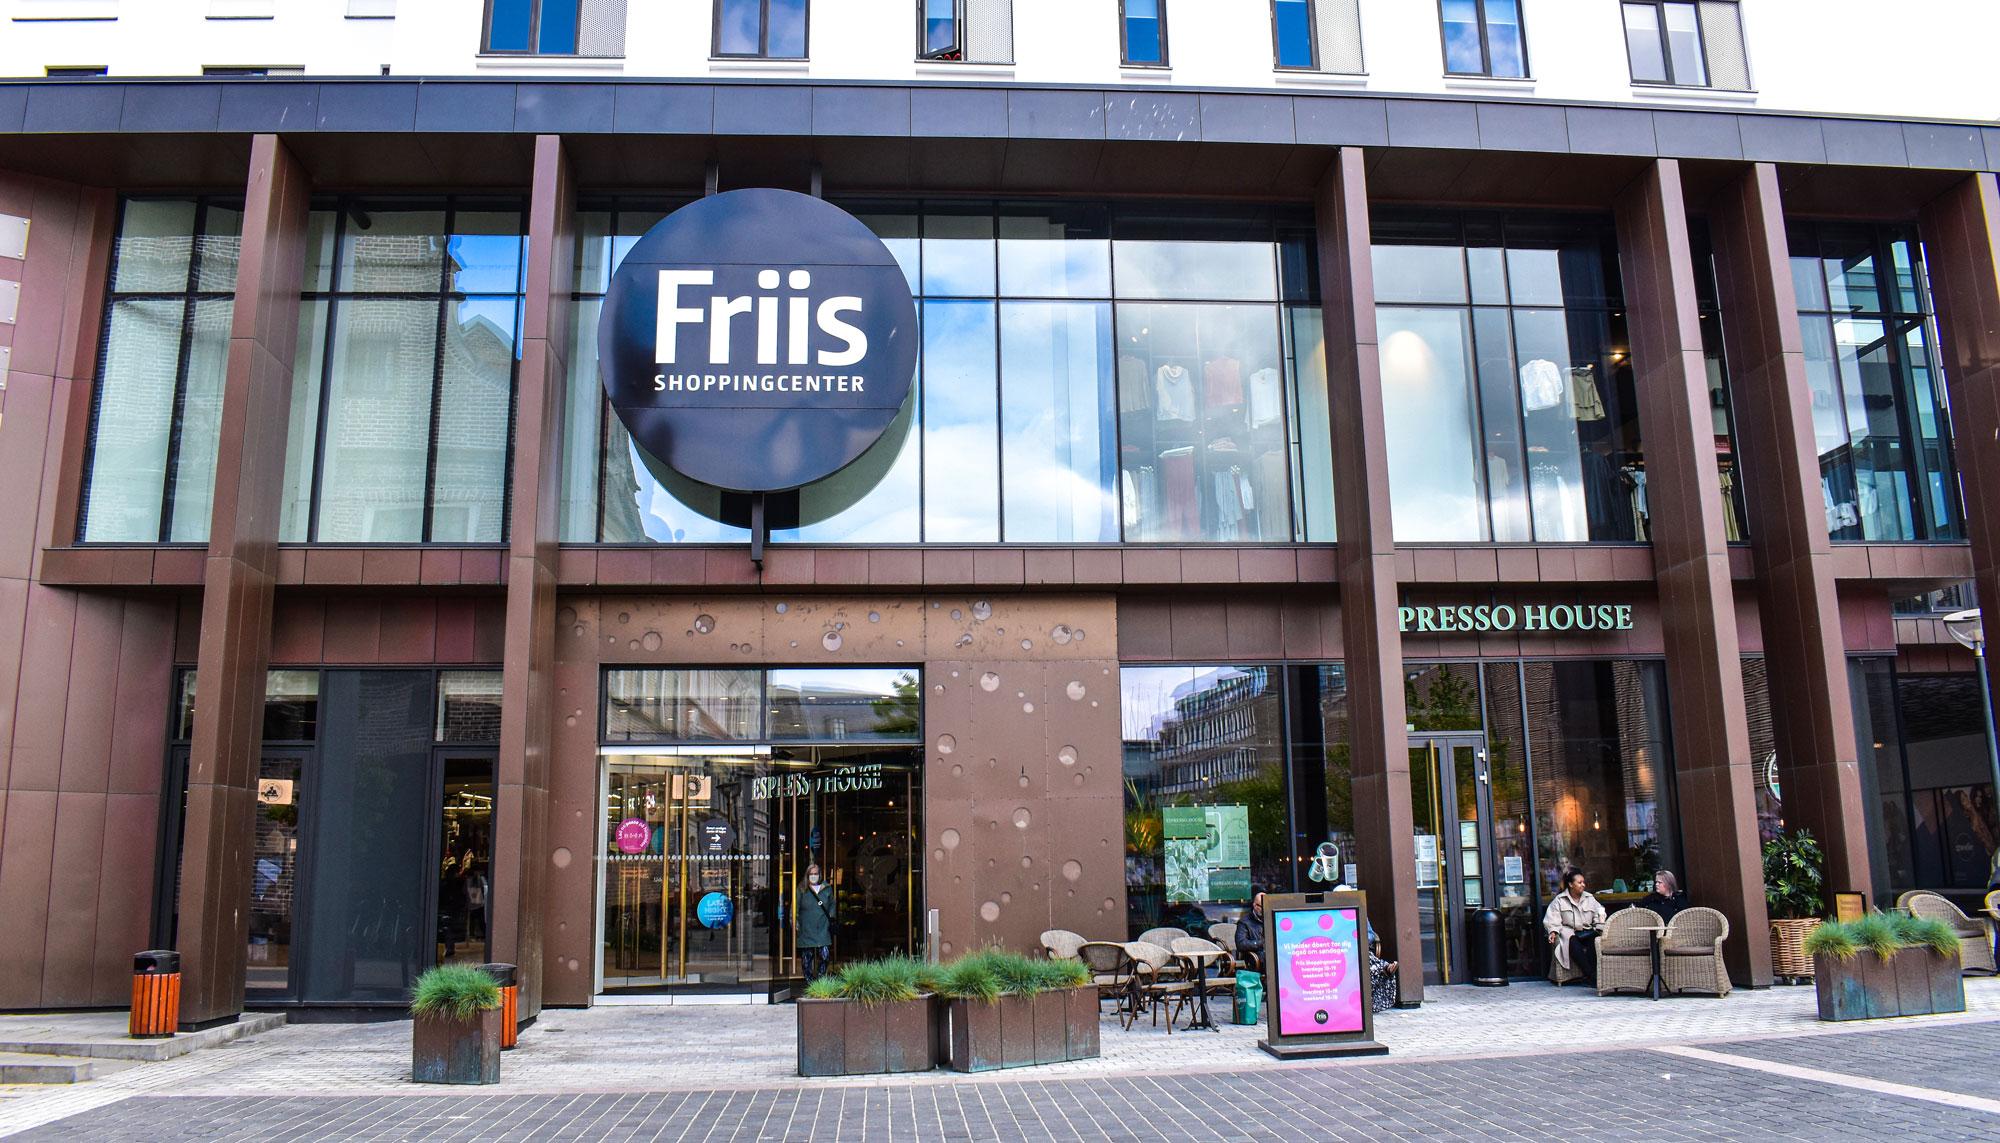 Støt lokalt: Friis Shoppingcenter inviterer til Late Night Shopping